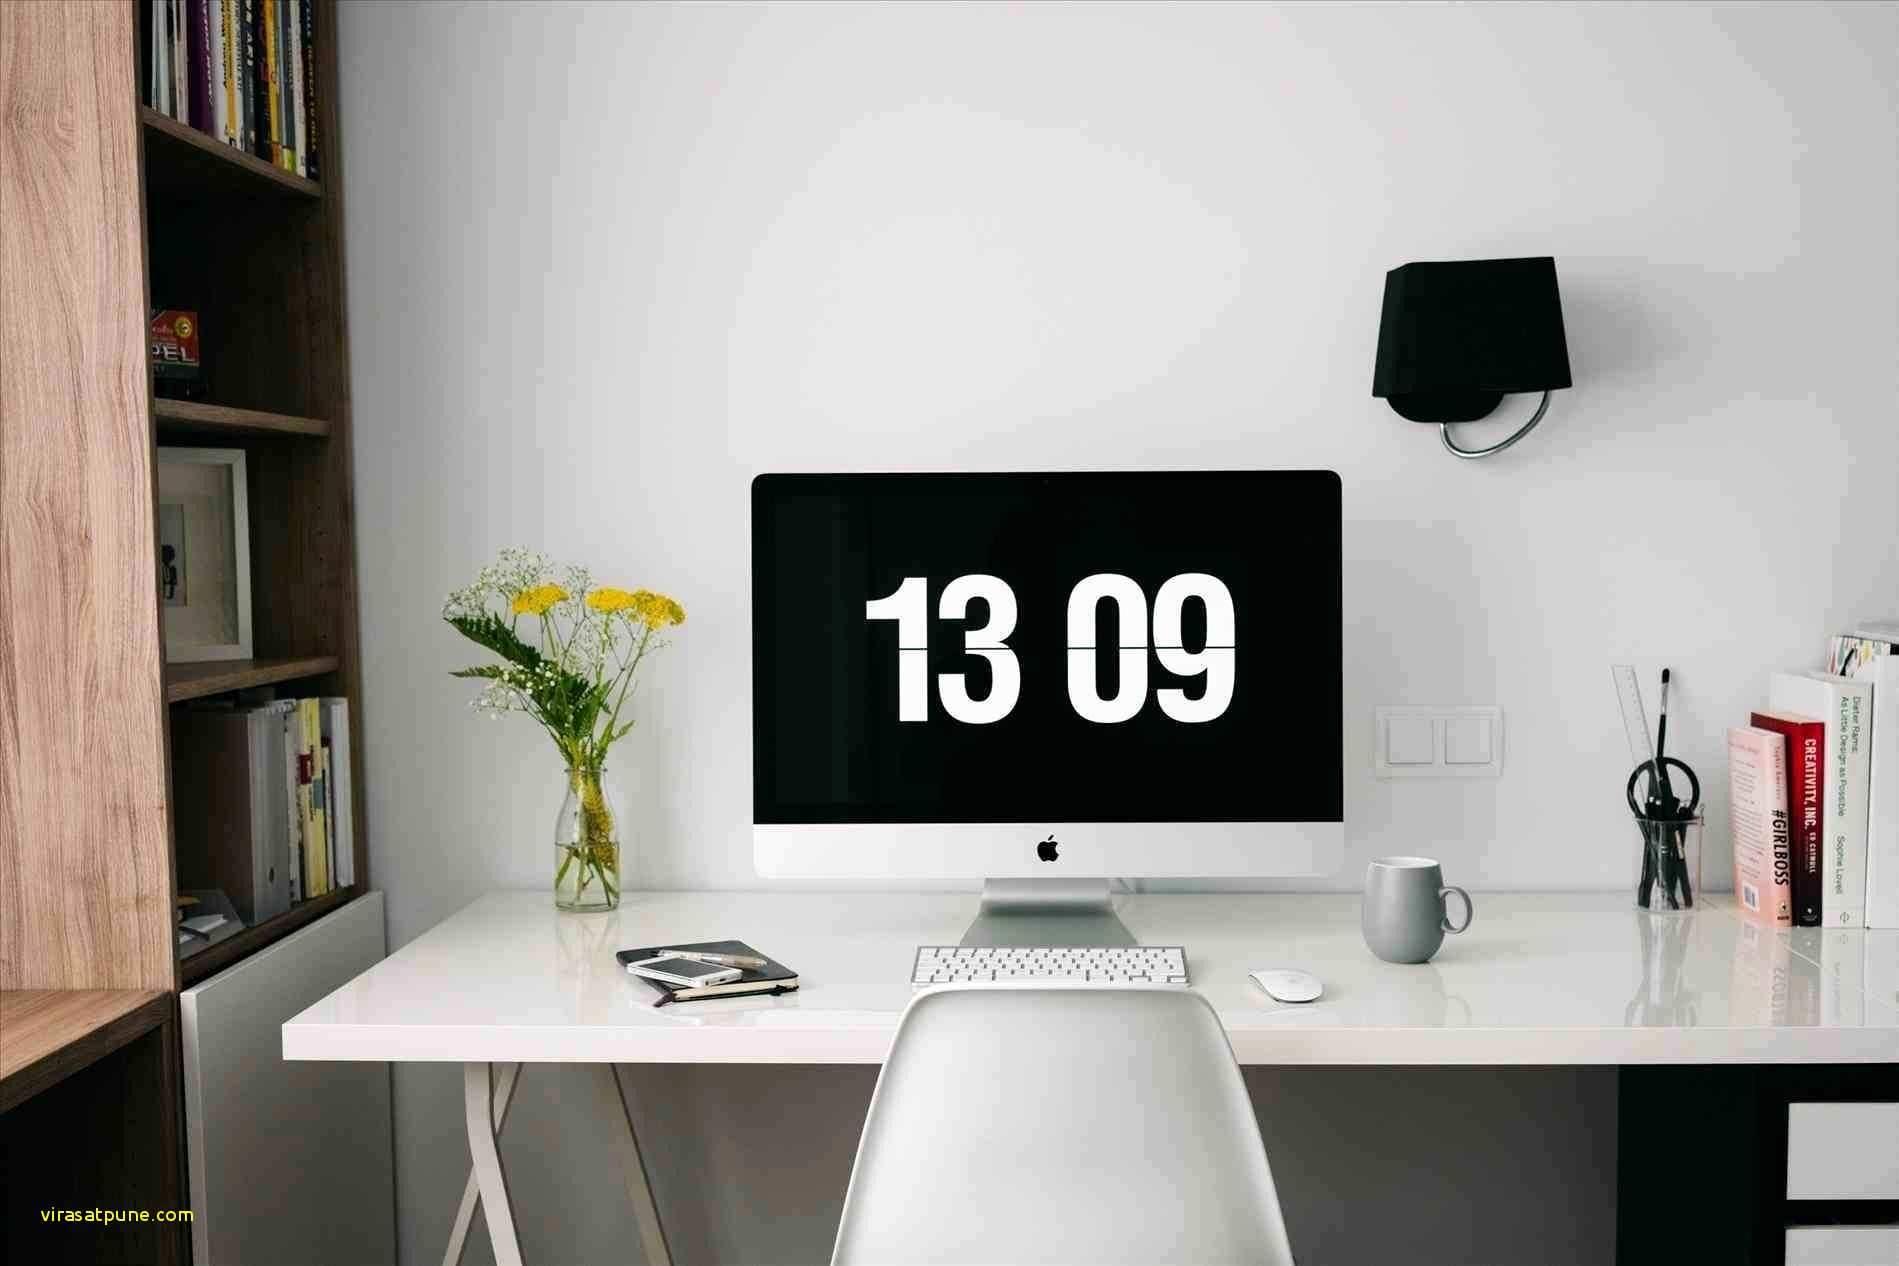 Full Size of Ikea Stehlampe Standleuchten Wohnzimmer Luxus 50 Beste Von Modulküche Miniküche Stehlampen Küche Kosten Schlafzimmer Betten Bei 160x200 Sofa Mit Wohnzimmer Ikea Stehlampe